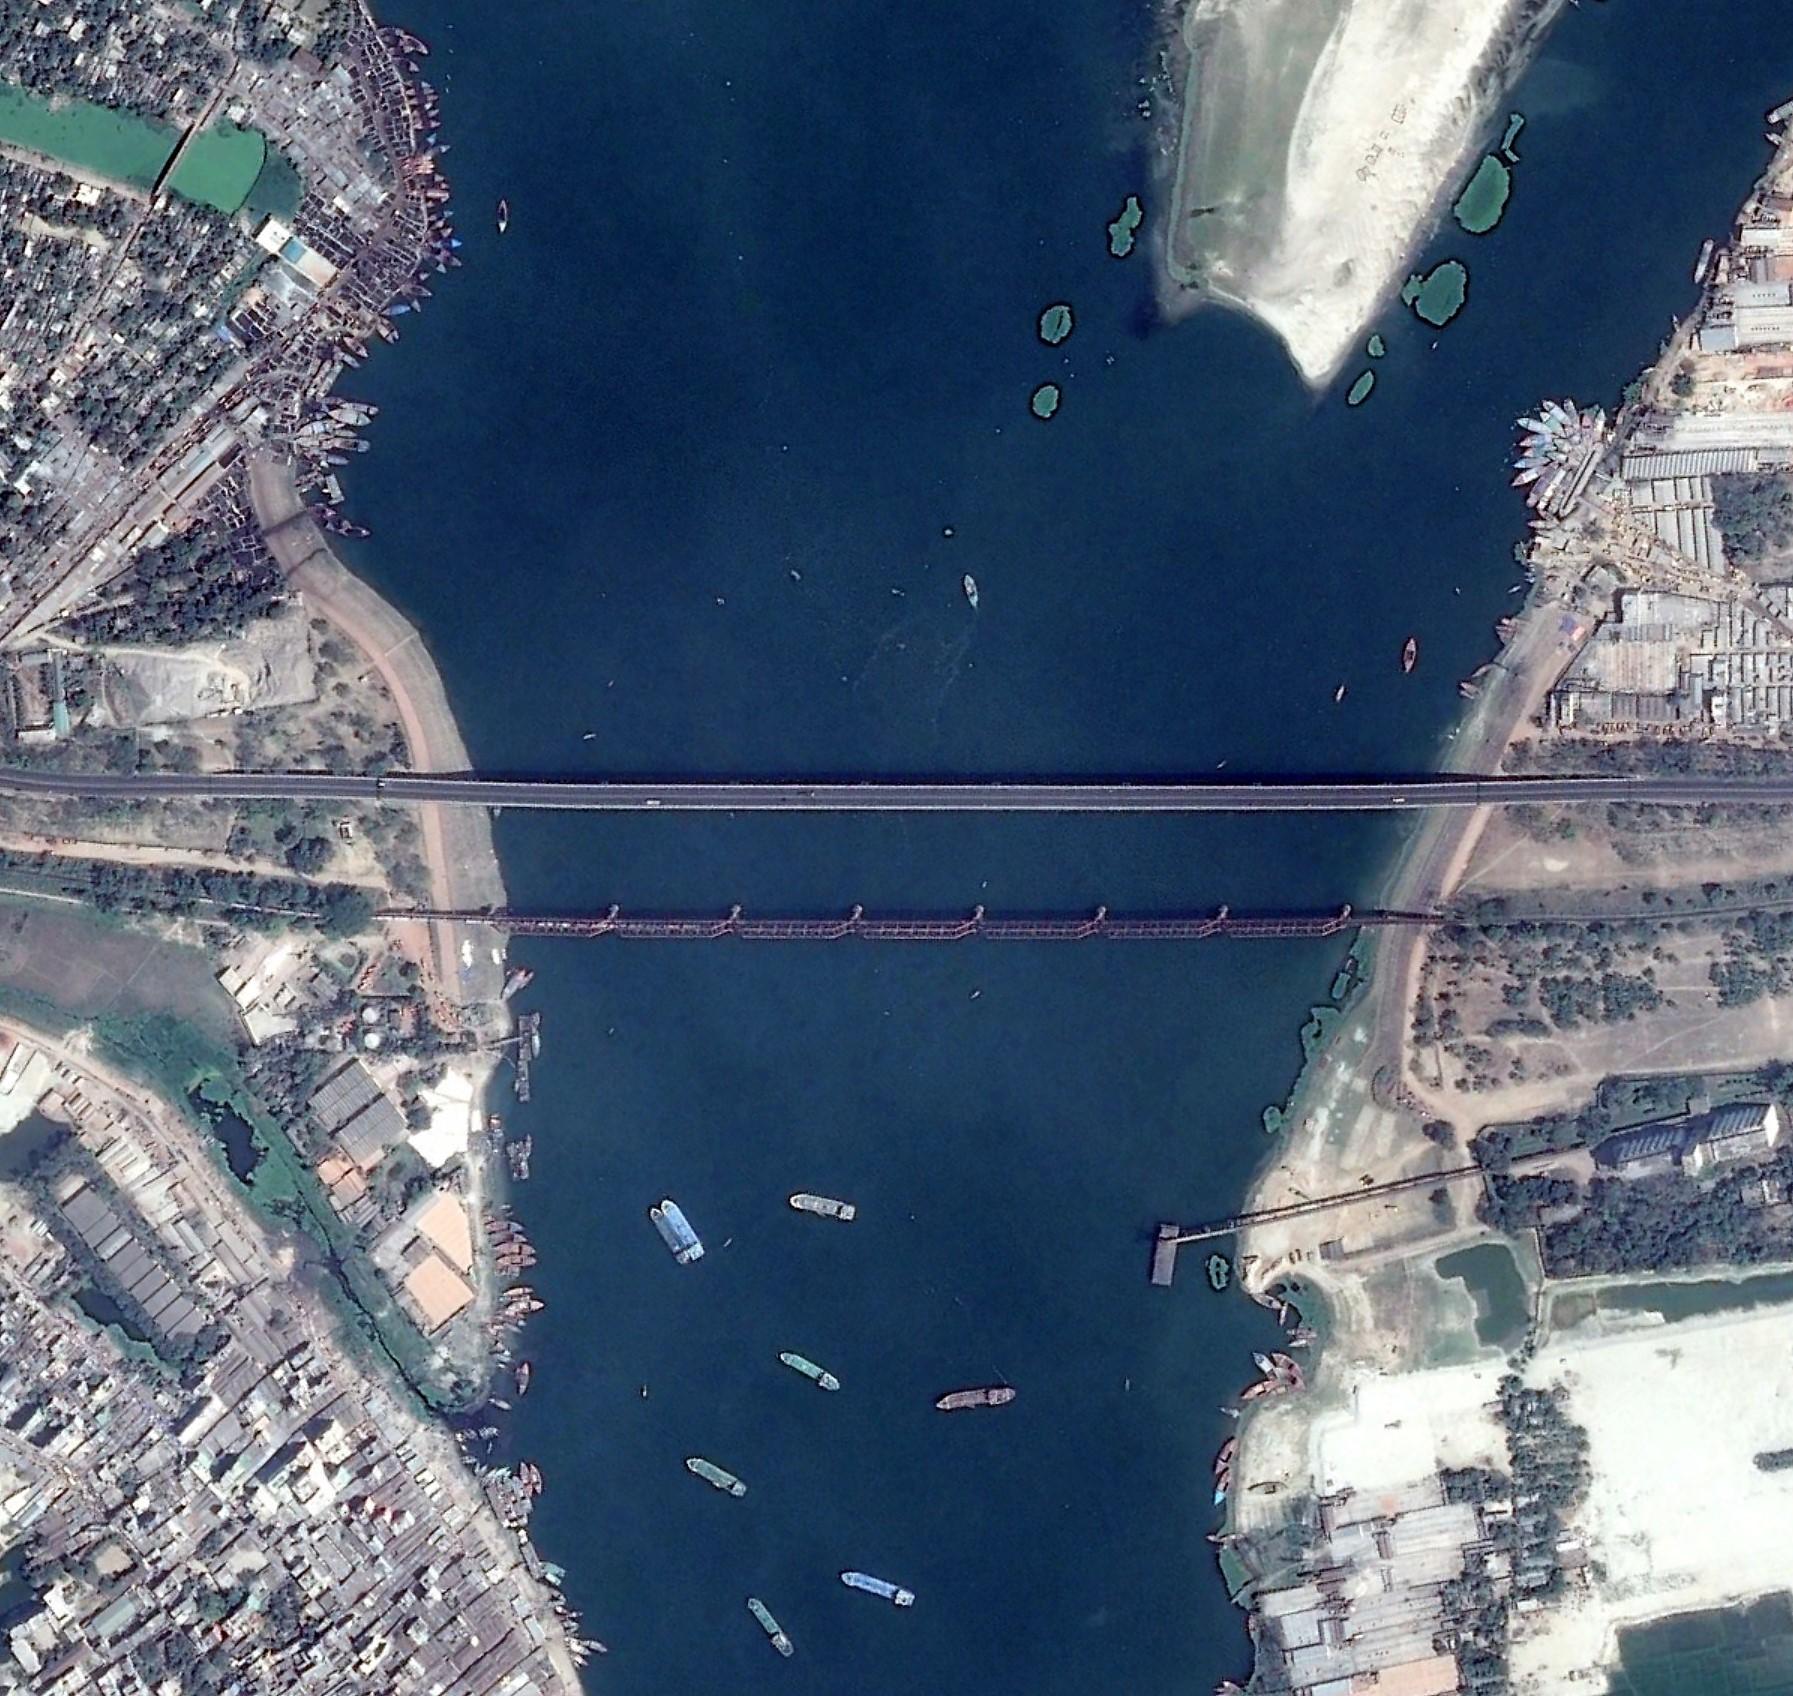 Bridges over Meghna river. Image width: 1.5 kilometer